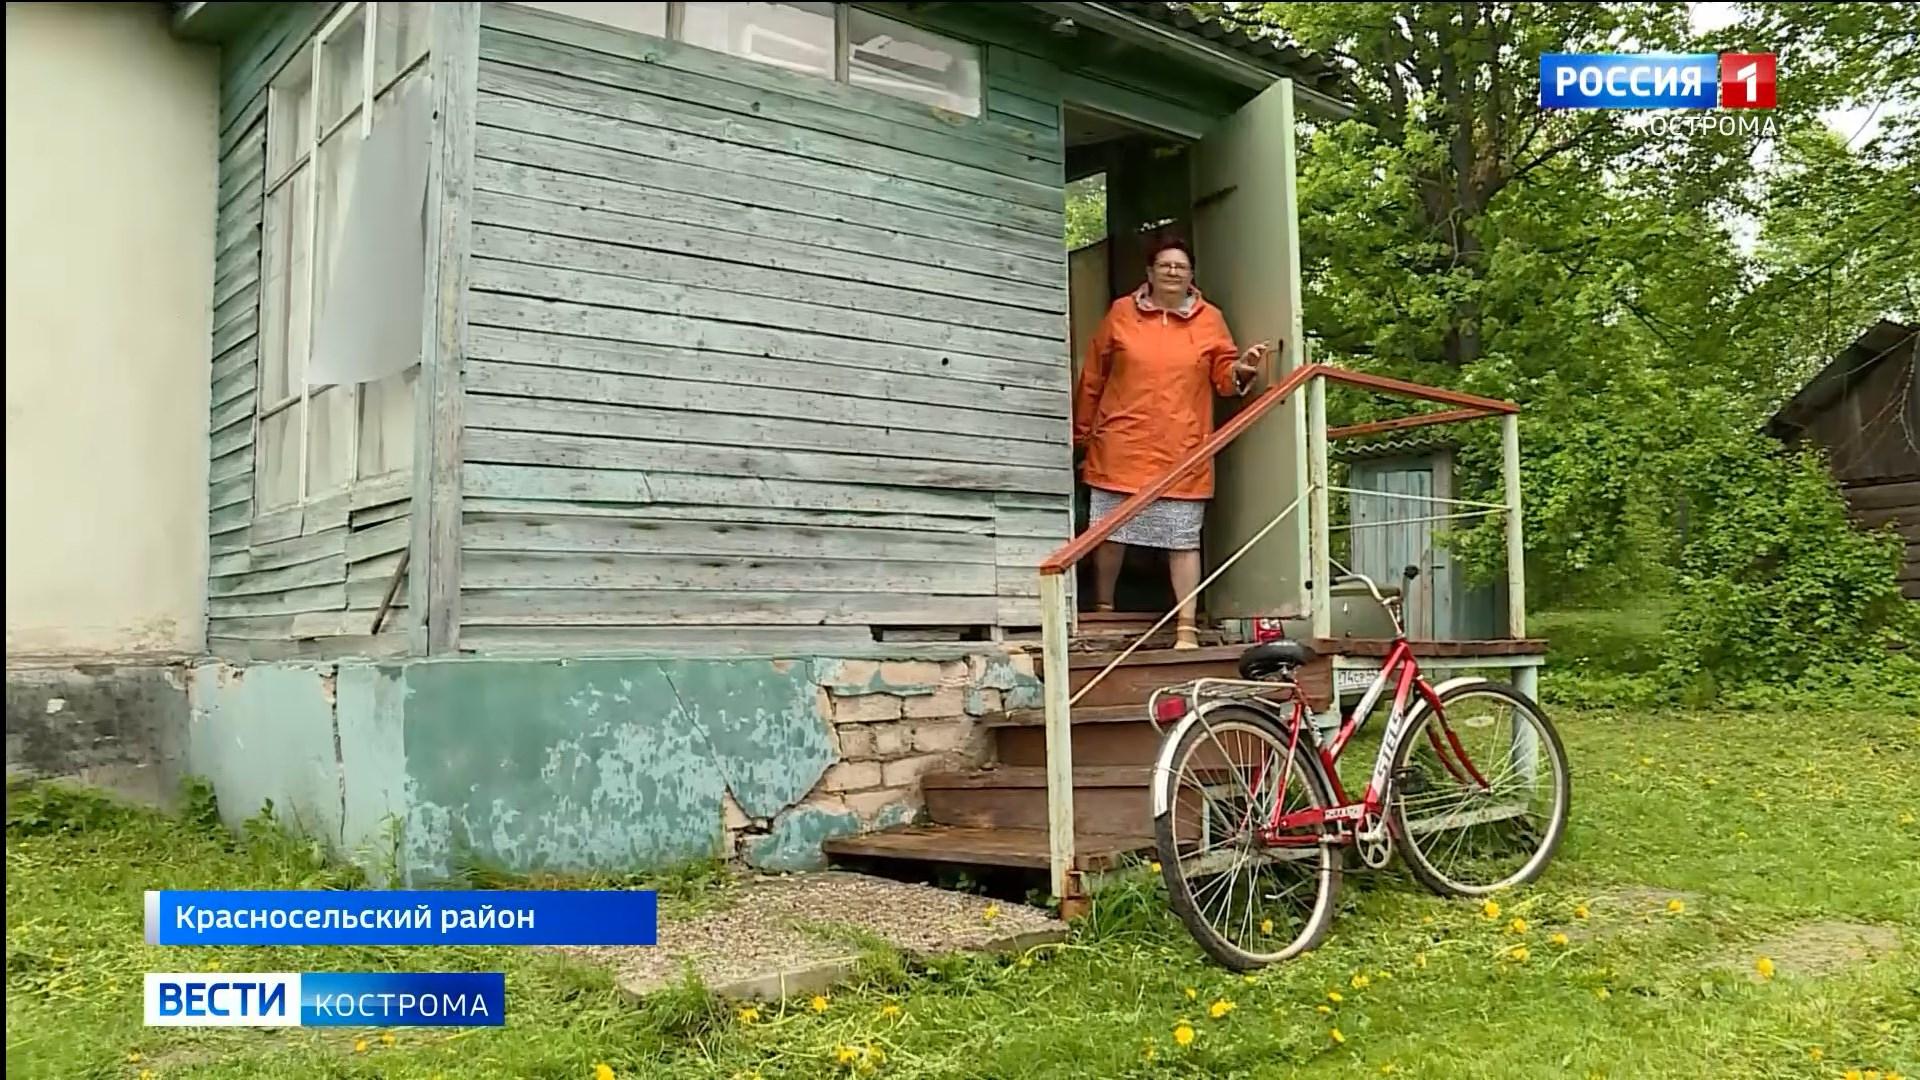 «Скорая» на велосипеде и роды в поле: фельдшер из-под Костромы рассказала о работе медиков в глубинке